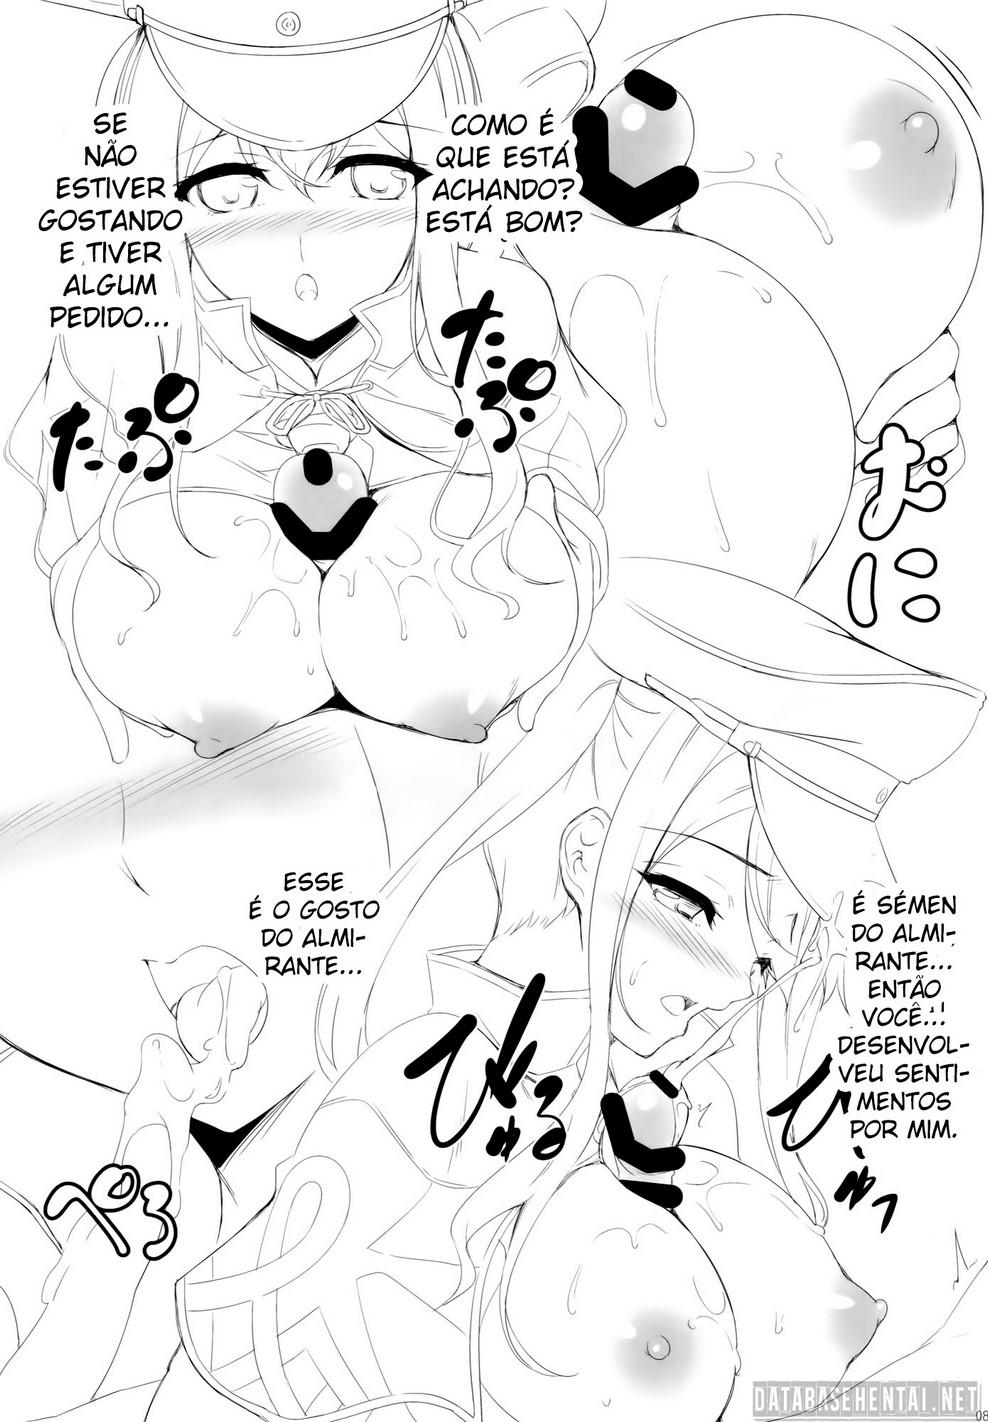 84-hentai-brasil-0005